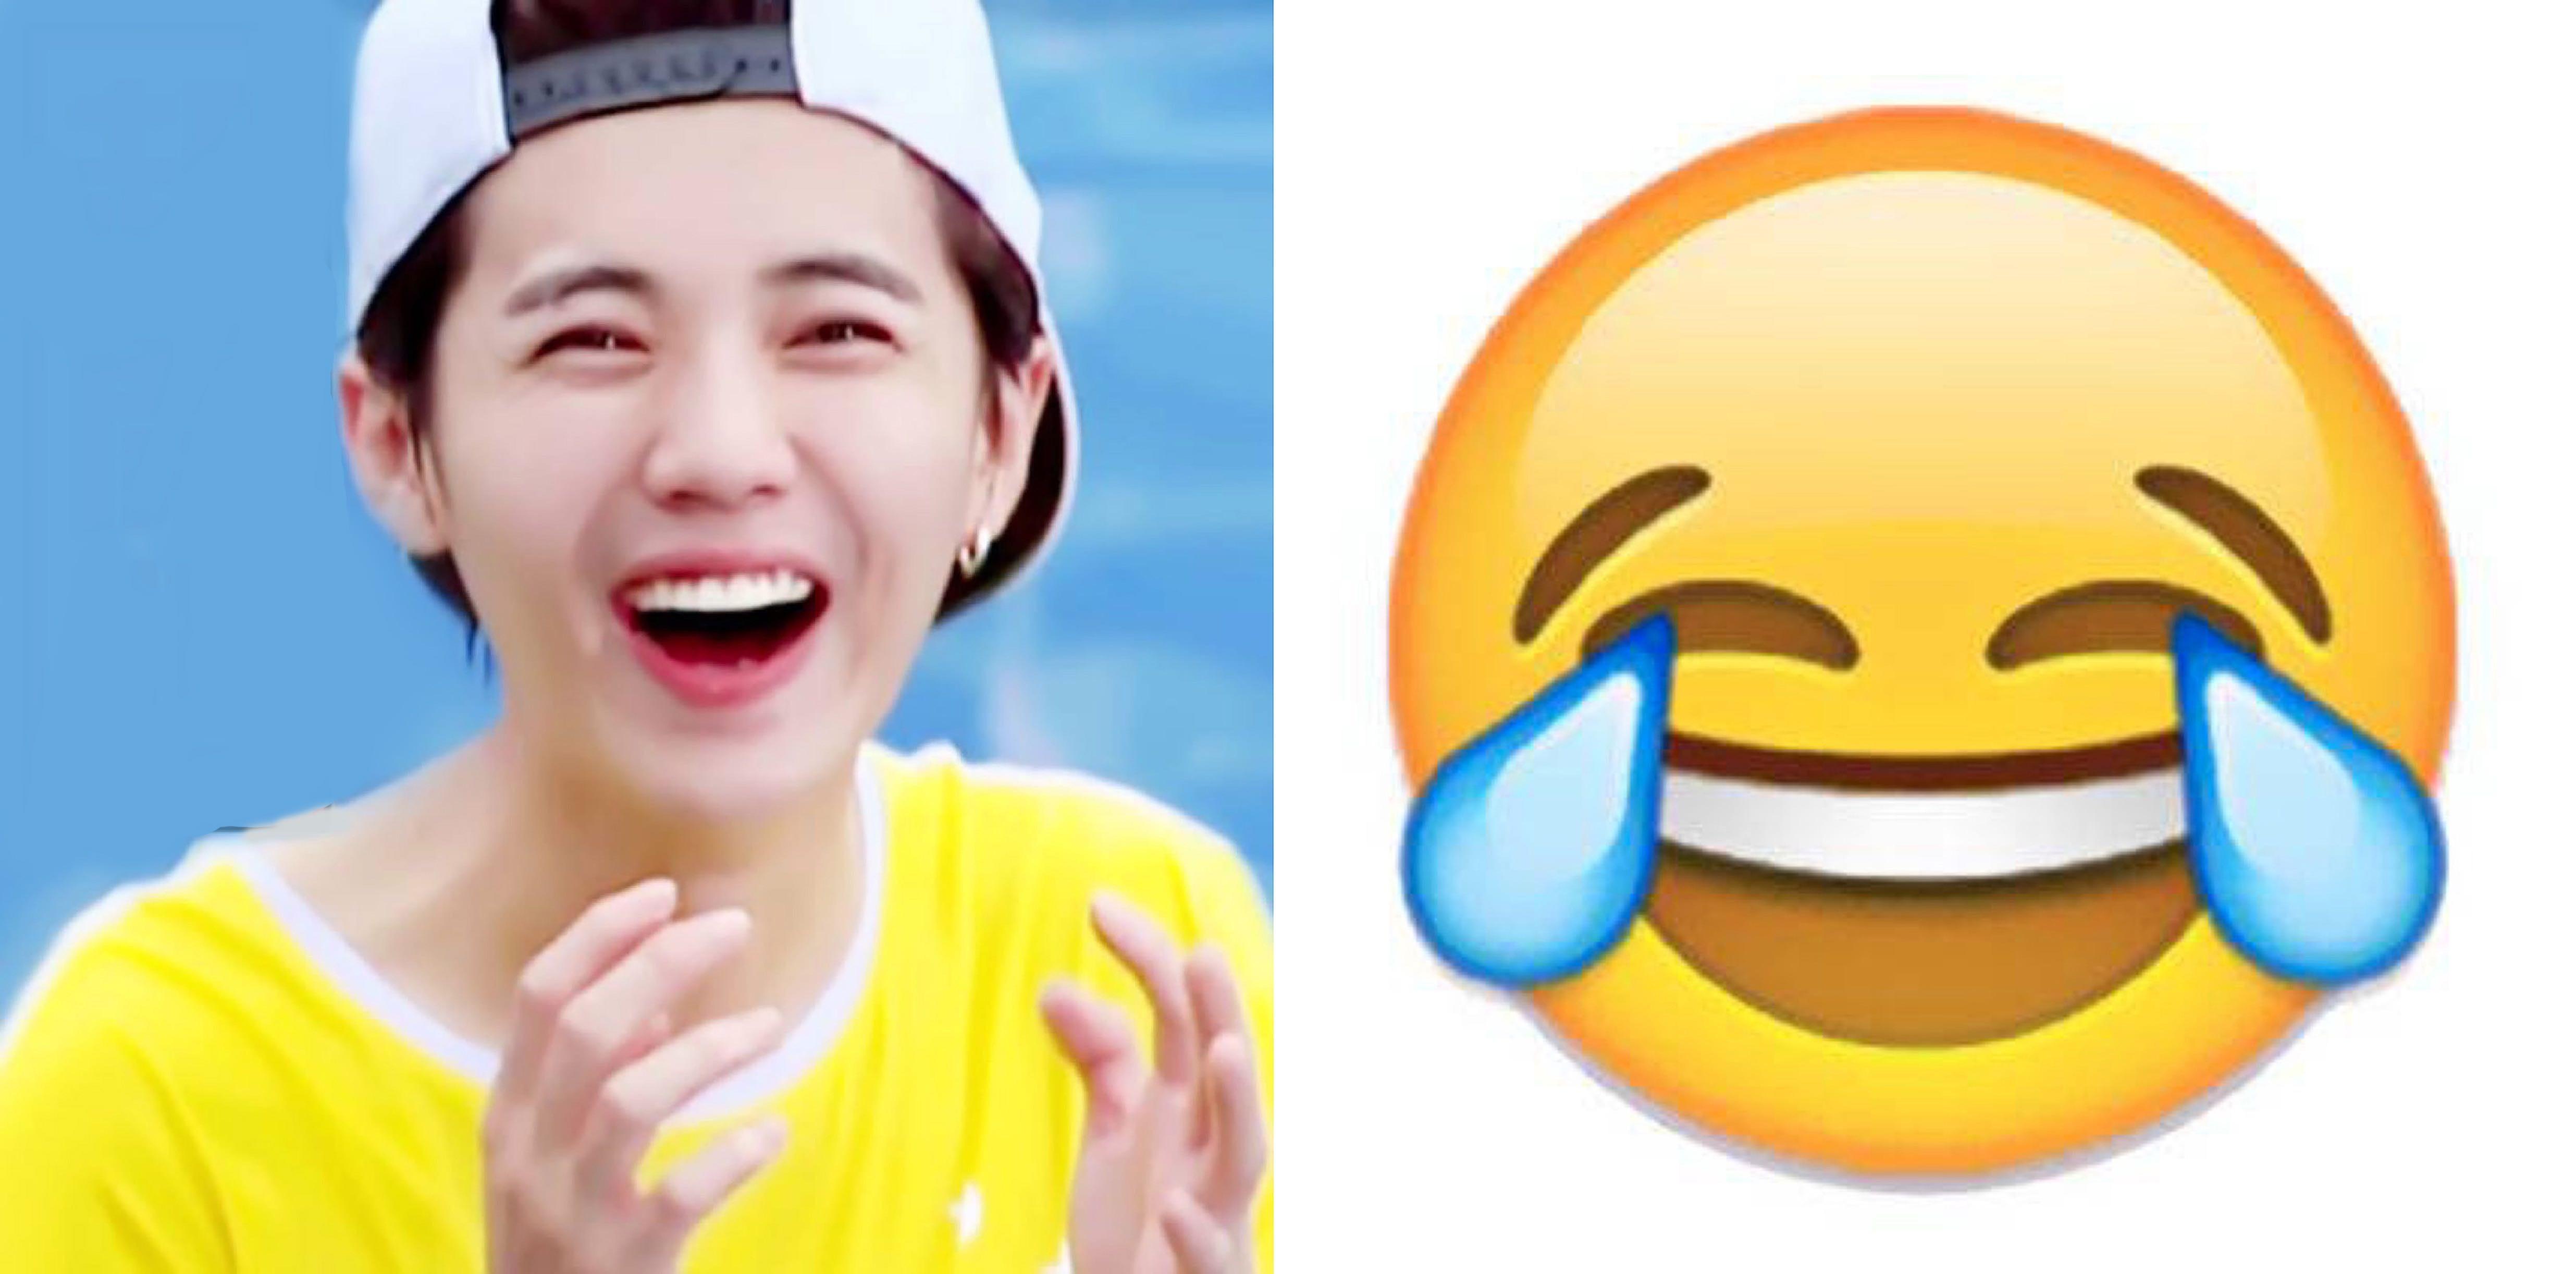 鹿晗与emoji笑哭表情神同步图片